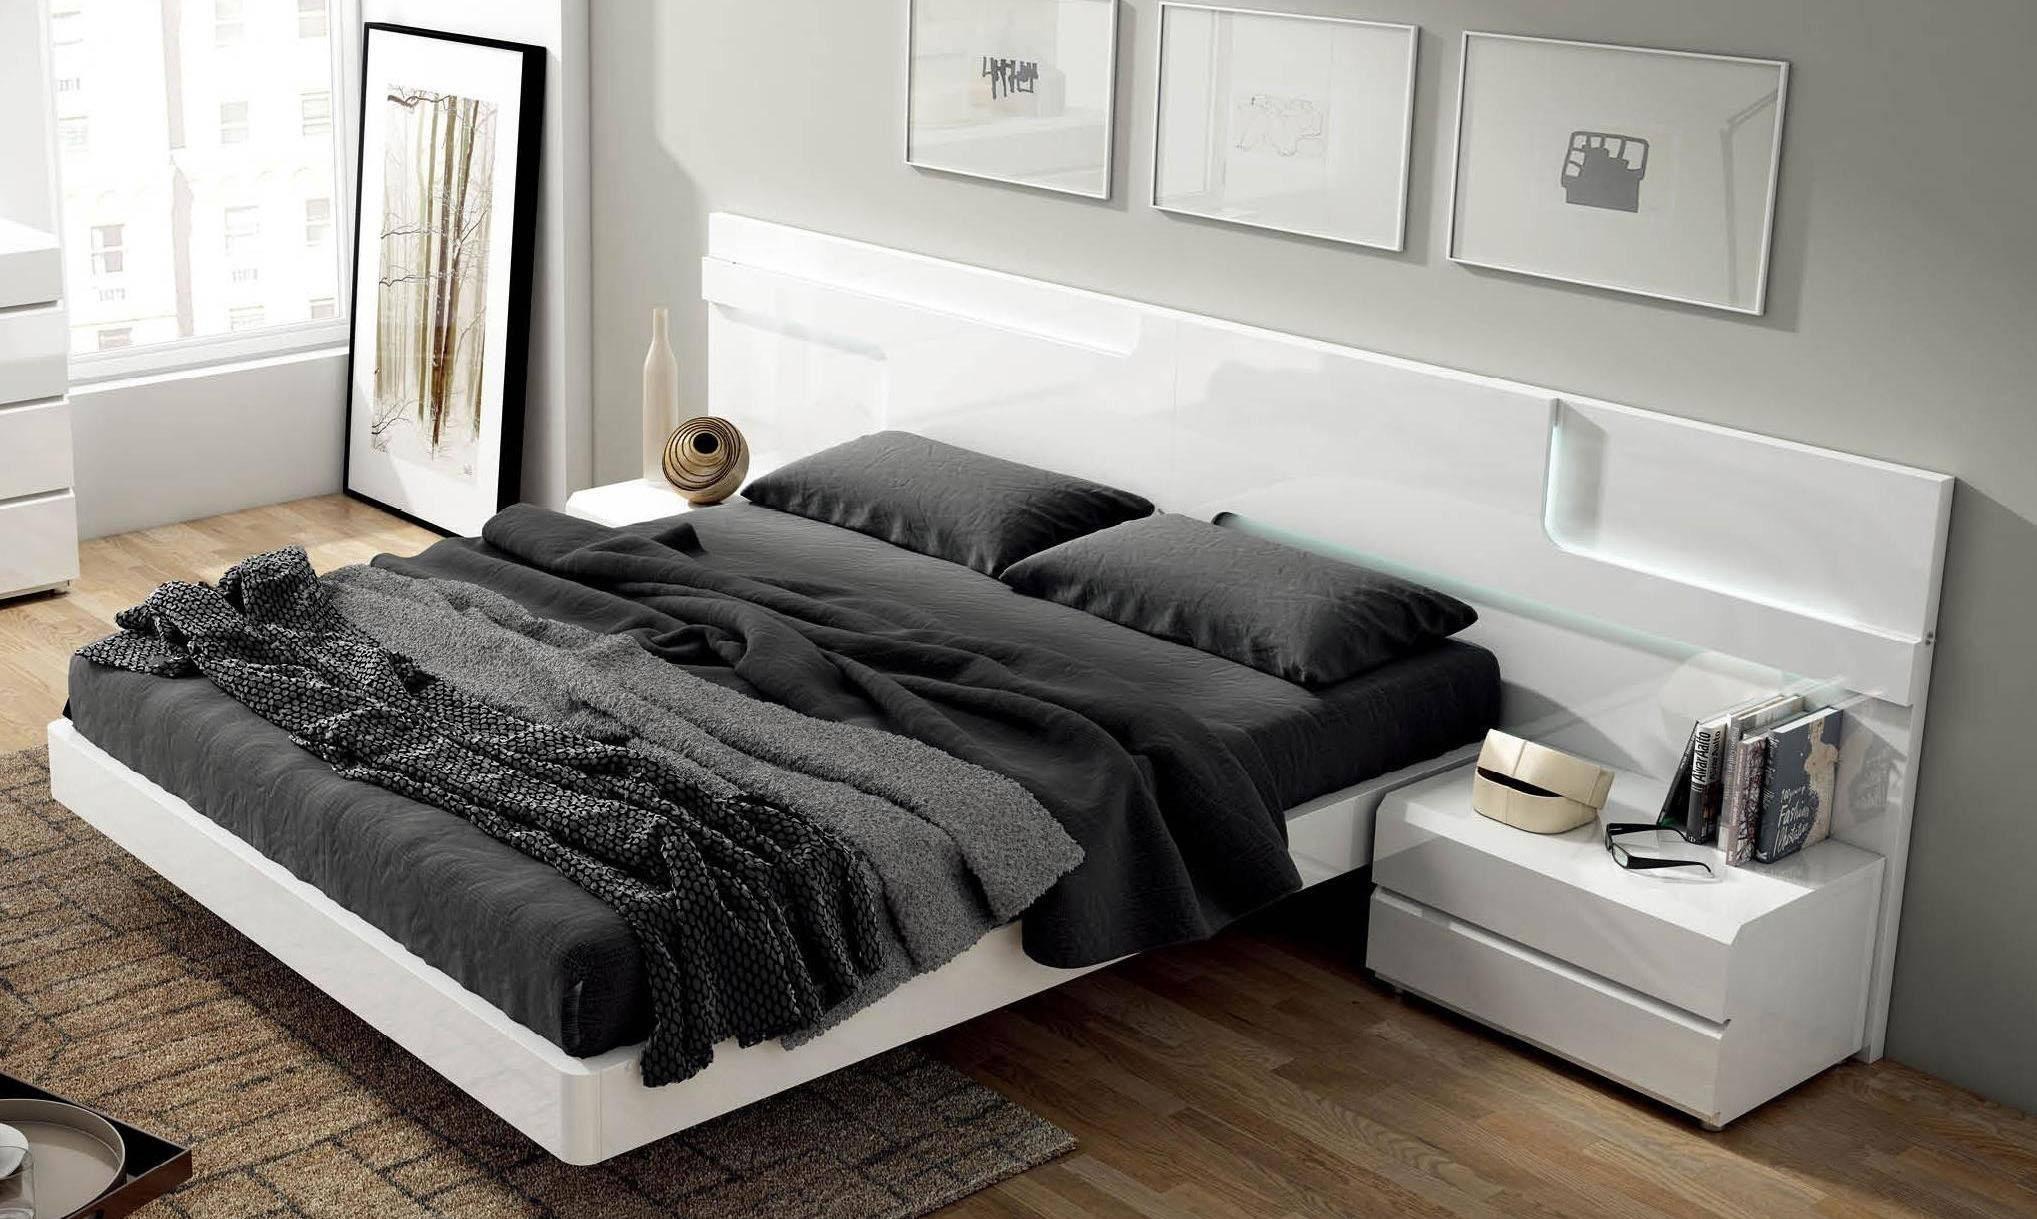 Buy Esf Sara King Platform Bedroom Set 5 Pcs In White Wood Solids And Veneer Online